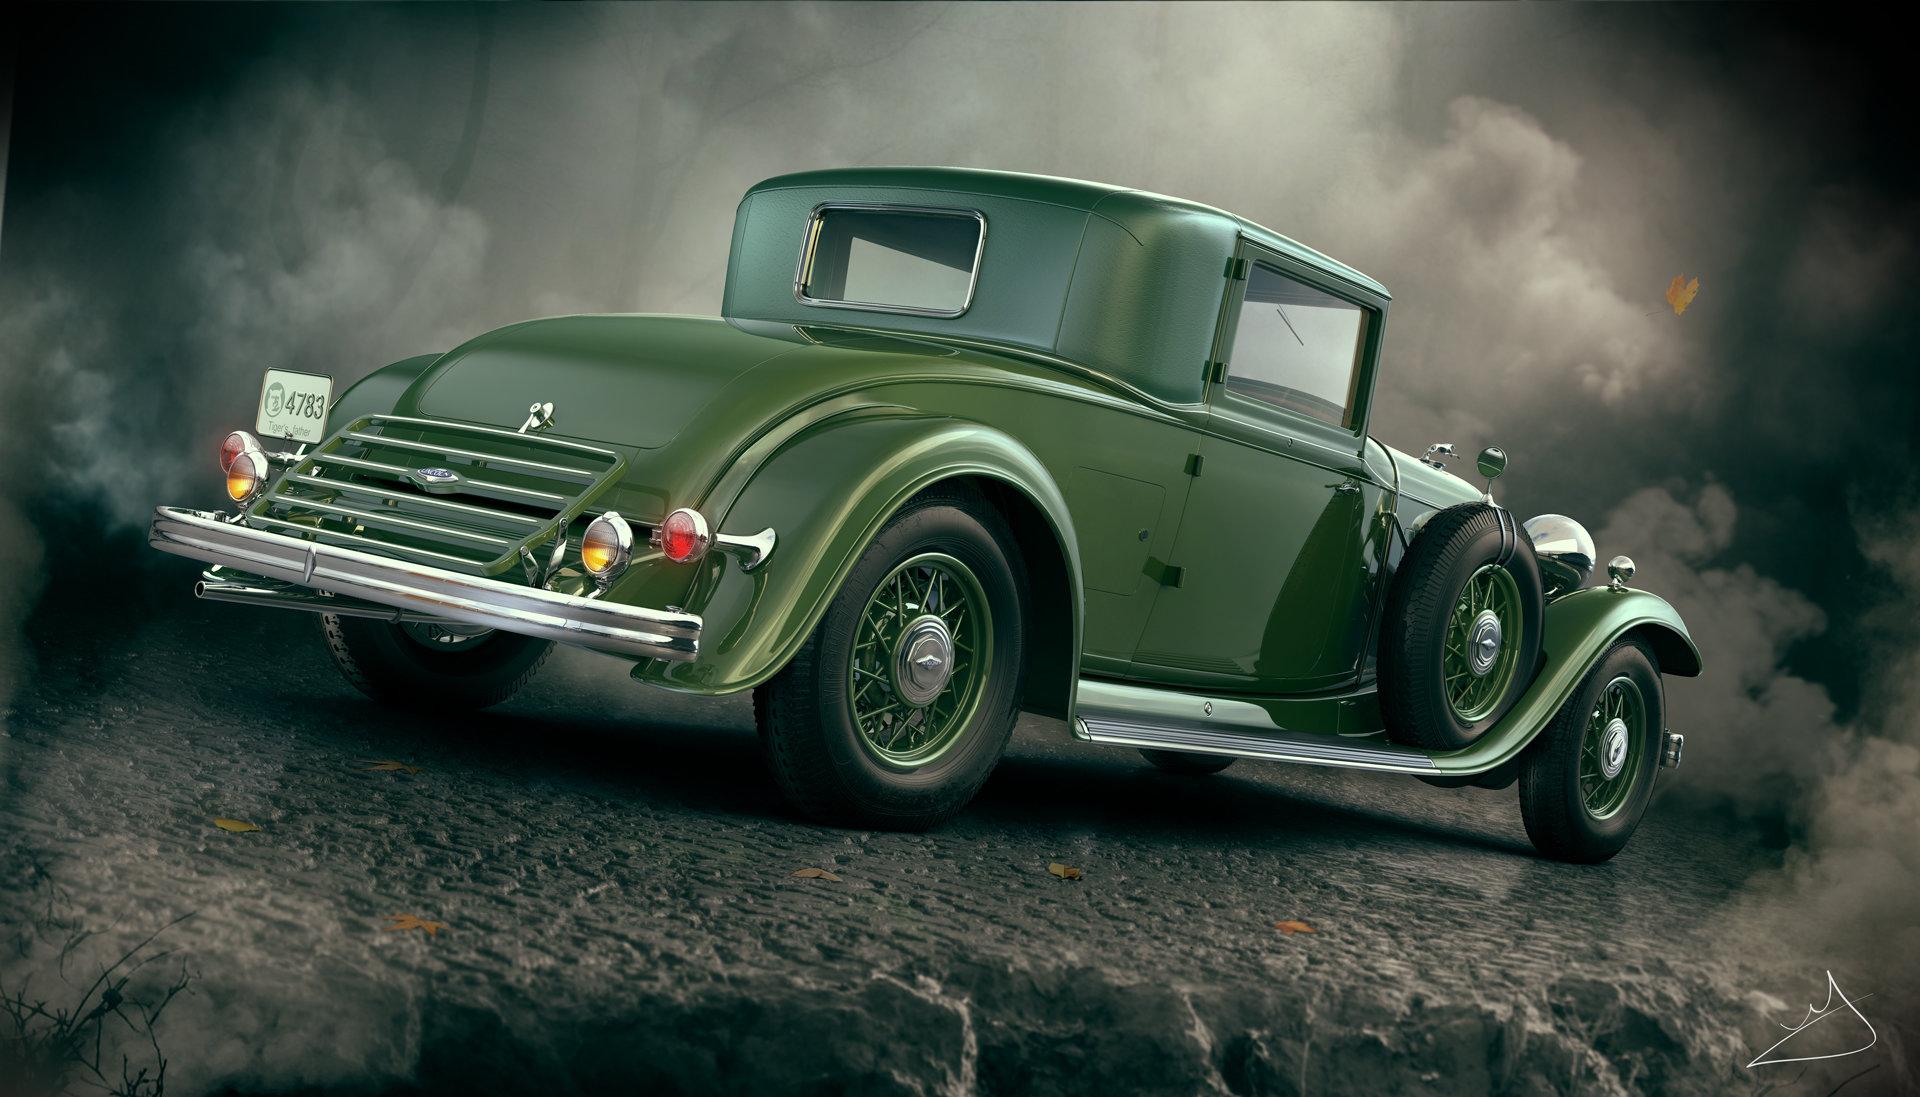 Alexandr novitskiy 1932 lincoln kb coupe 02